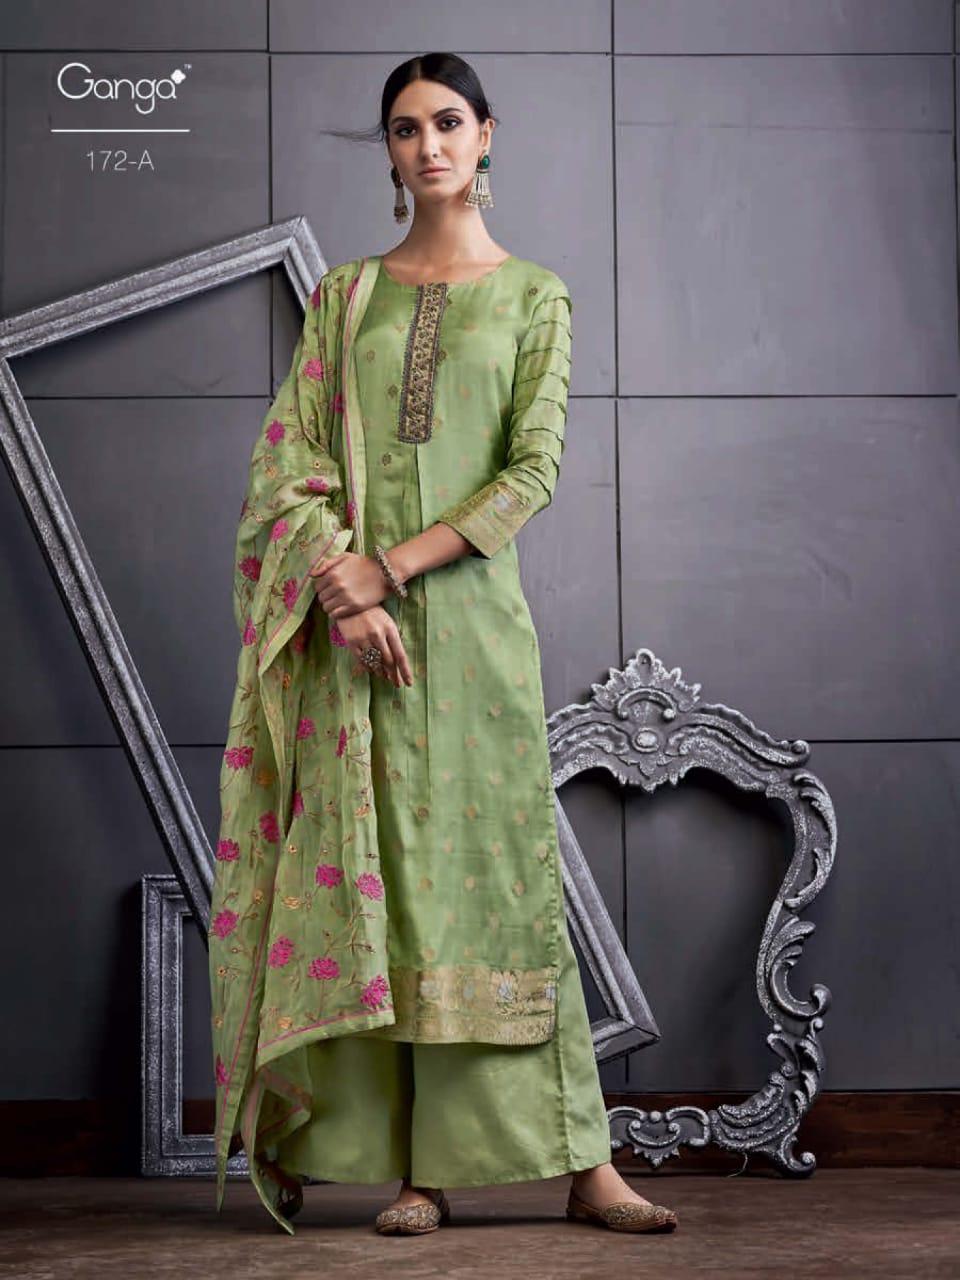 Ganga 172 Series Designer Banarasi Jacquard Suits In Best Wholesale Rate